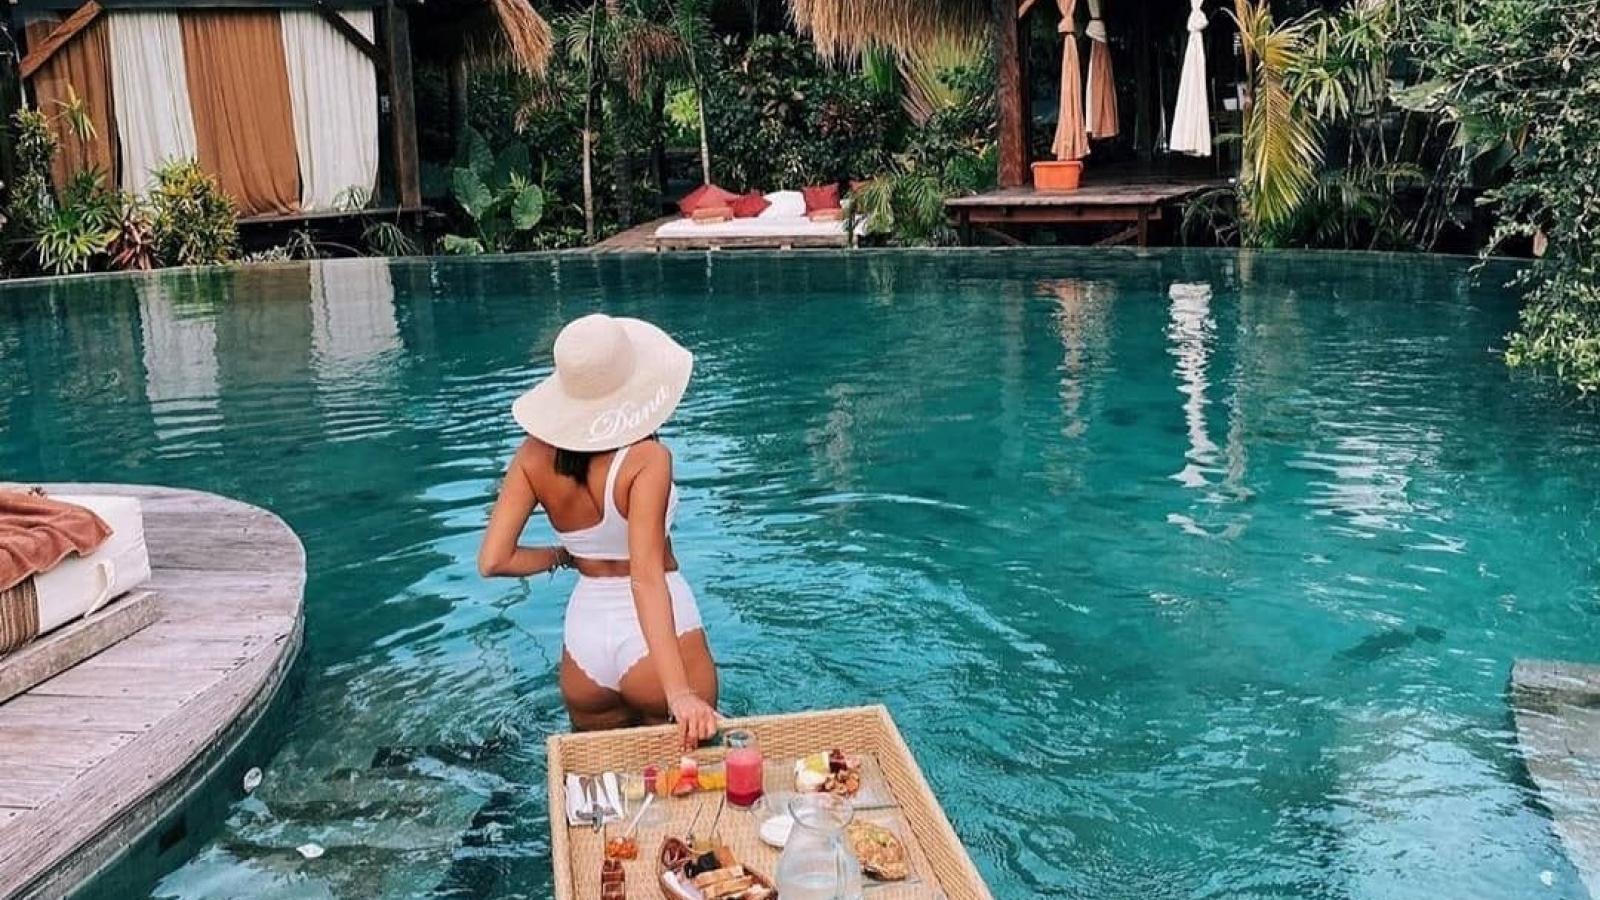 Indonesia chuẩn bị mở cửa du lịch ở Bali giữa thời Covid-19